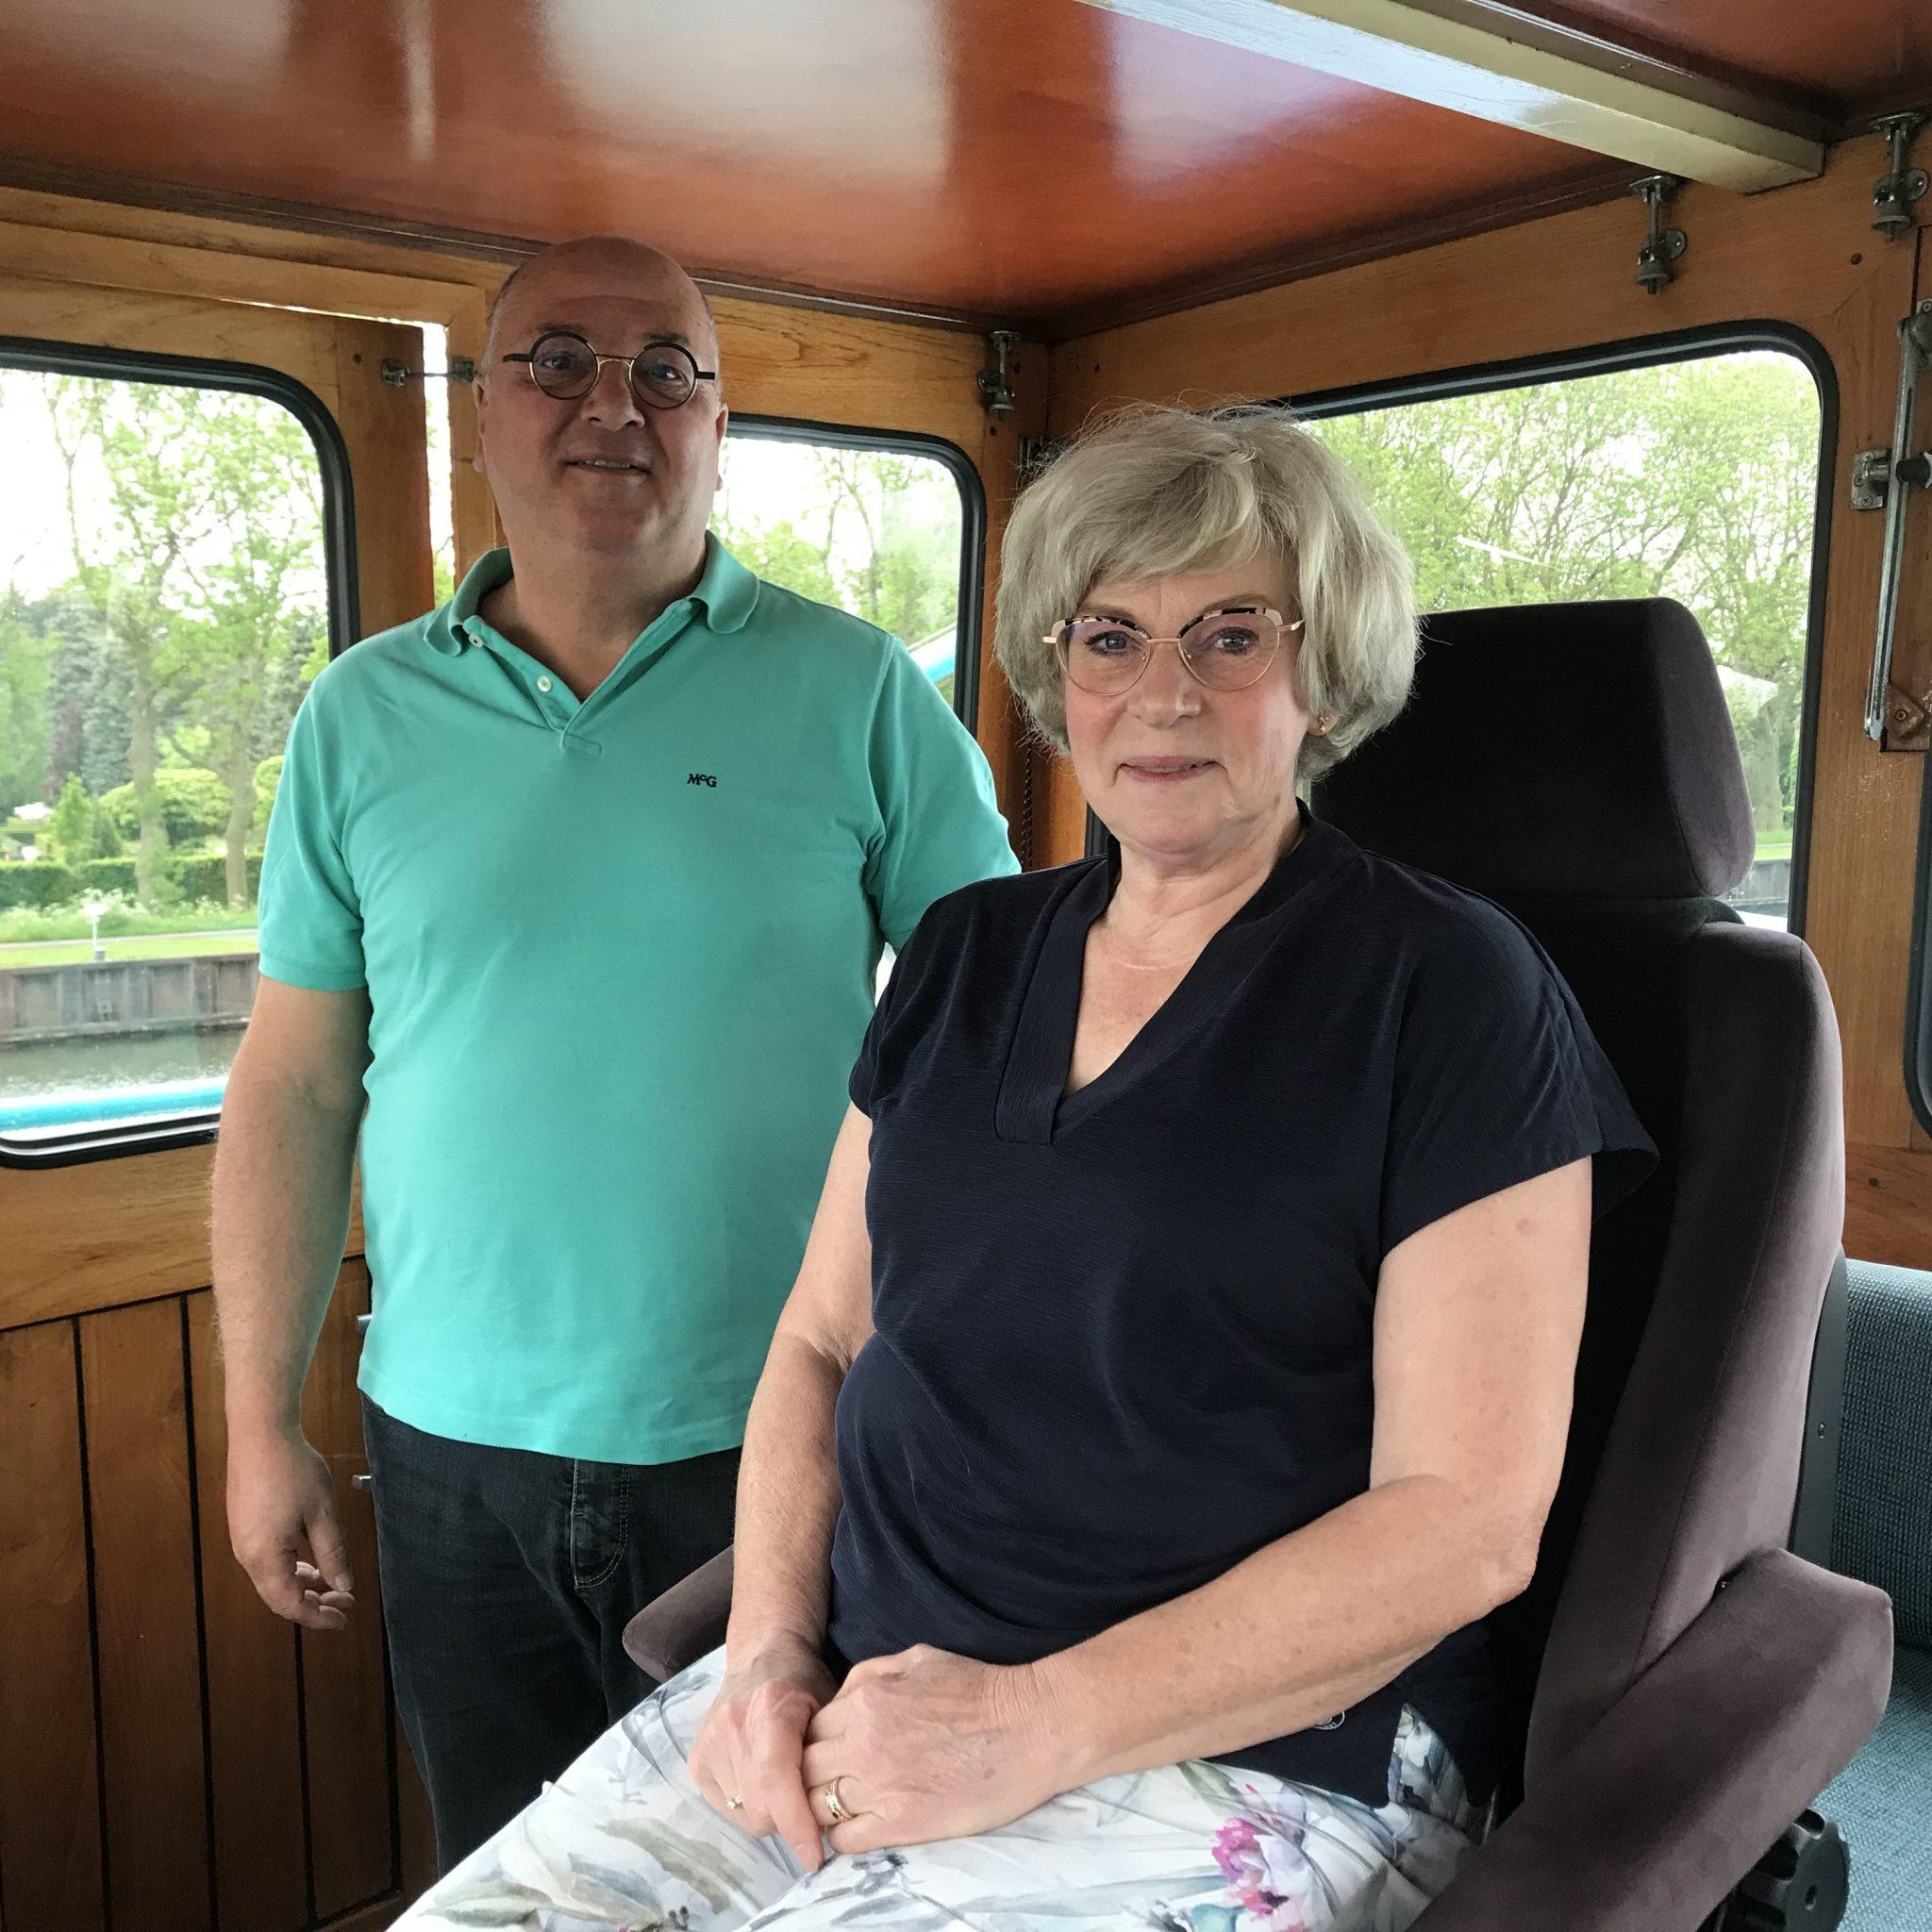 Jan-Pieter en Jacqueline de Bruijn zijn opgegroeid in de gezinsvaart en voedden ook hun eigen kinderen aan boord op. Maar zij zien de gezinsvaart geleidelijk verdwijnen. (Foto Hannie Visser-Kieboom)